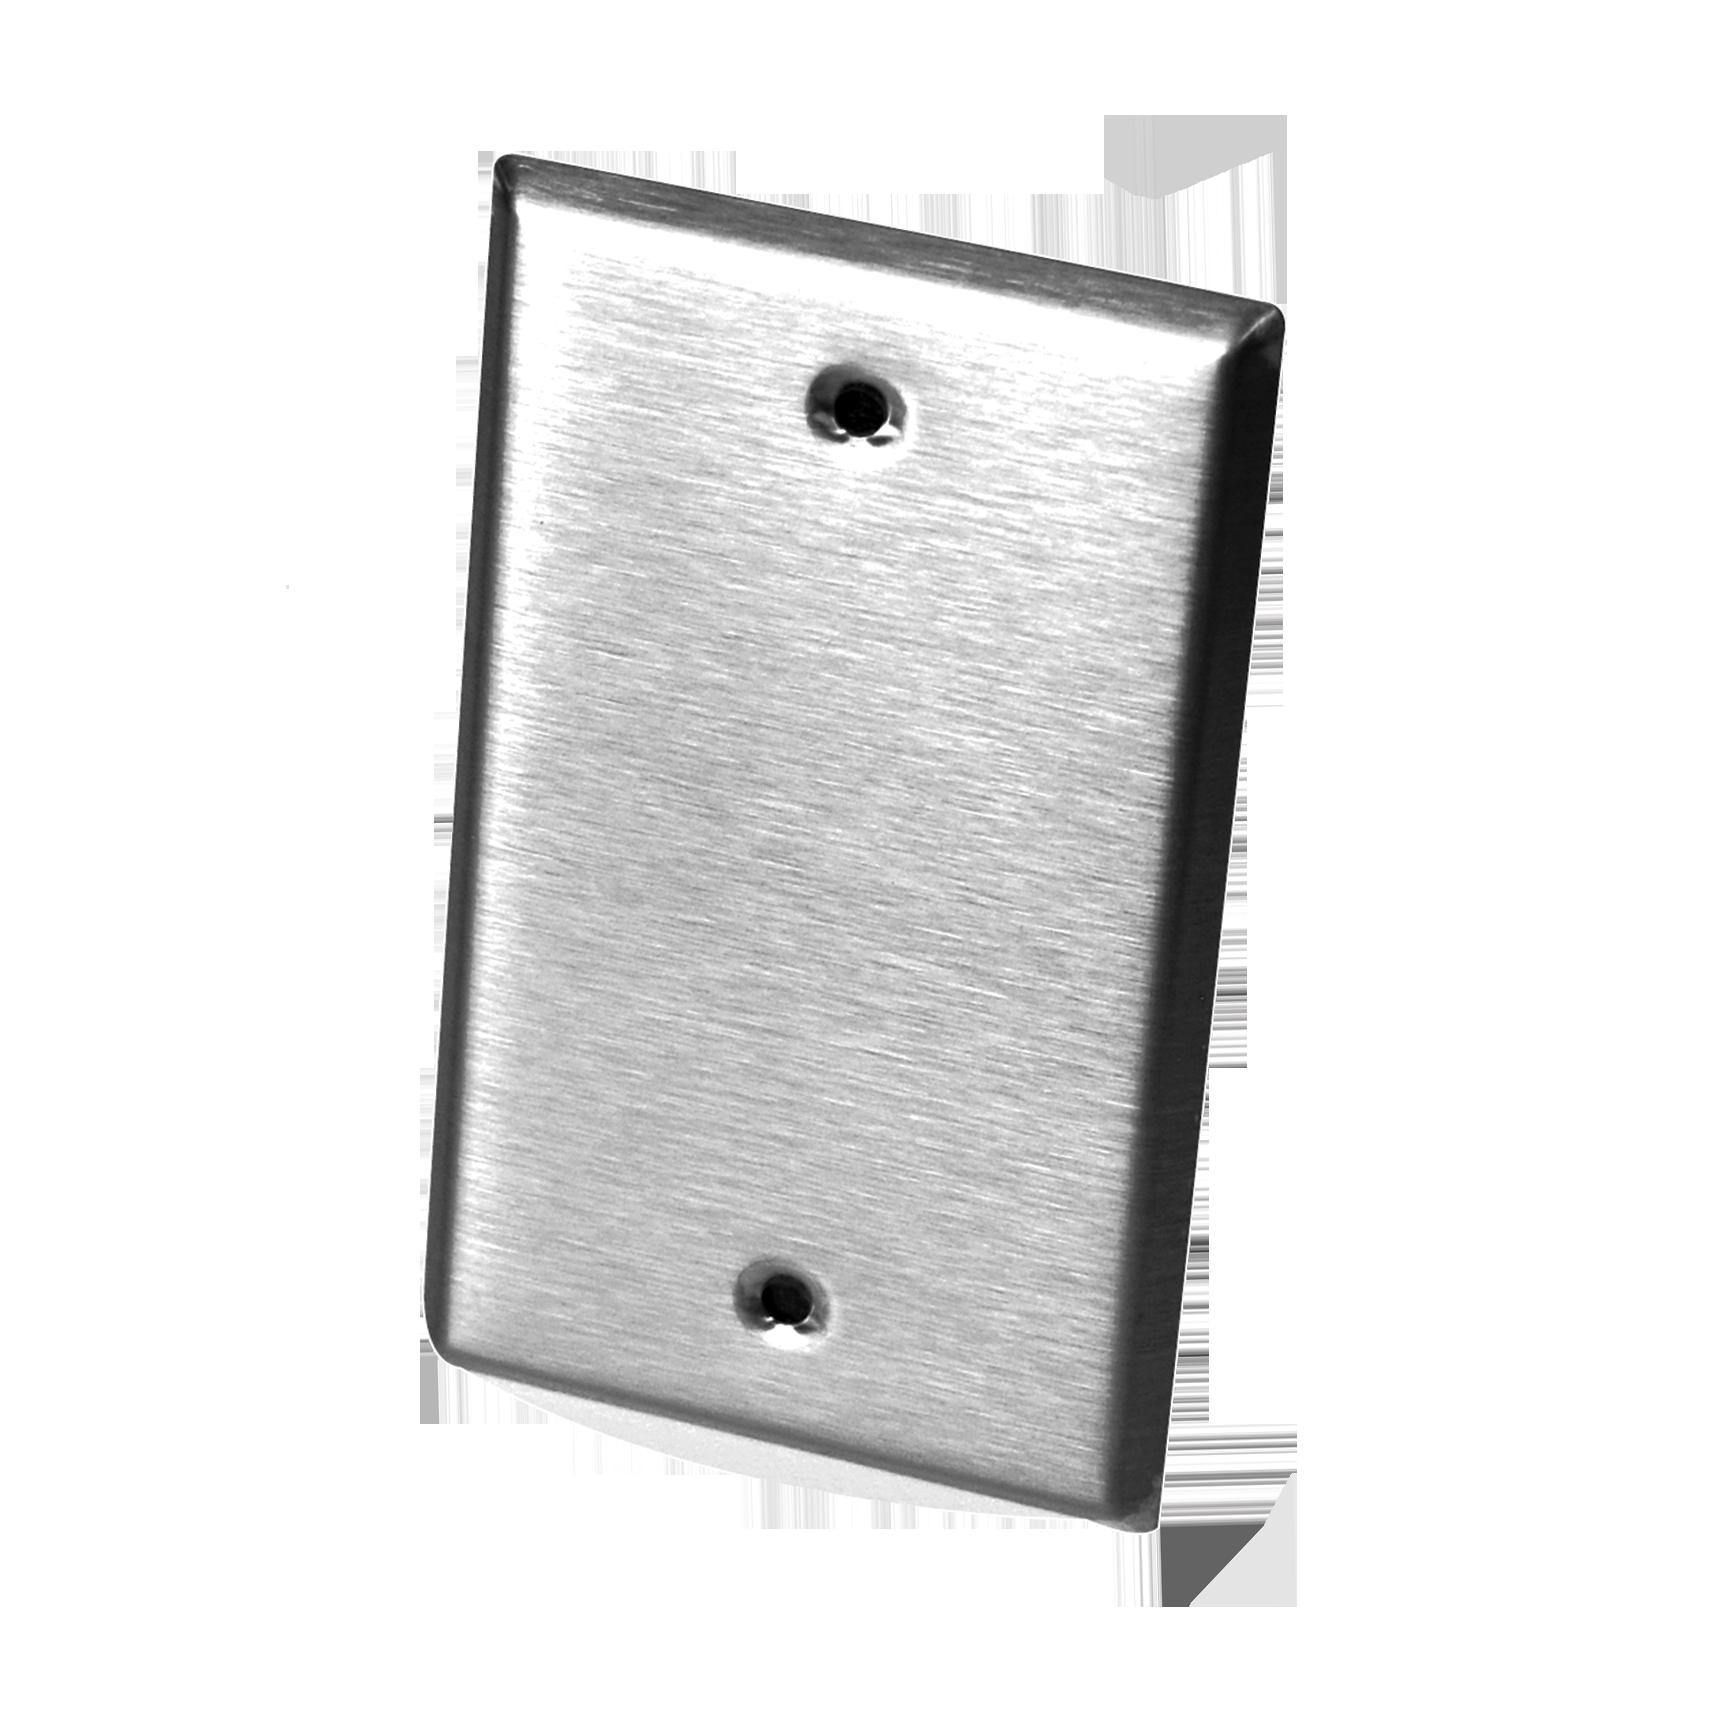 ACI A/1.8K-SP Wall Plate